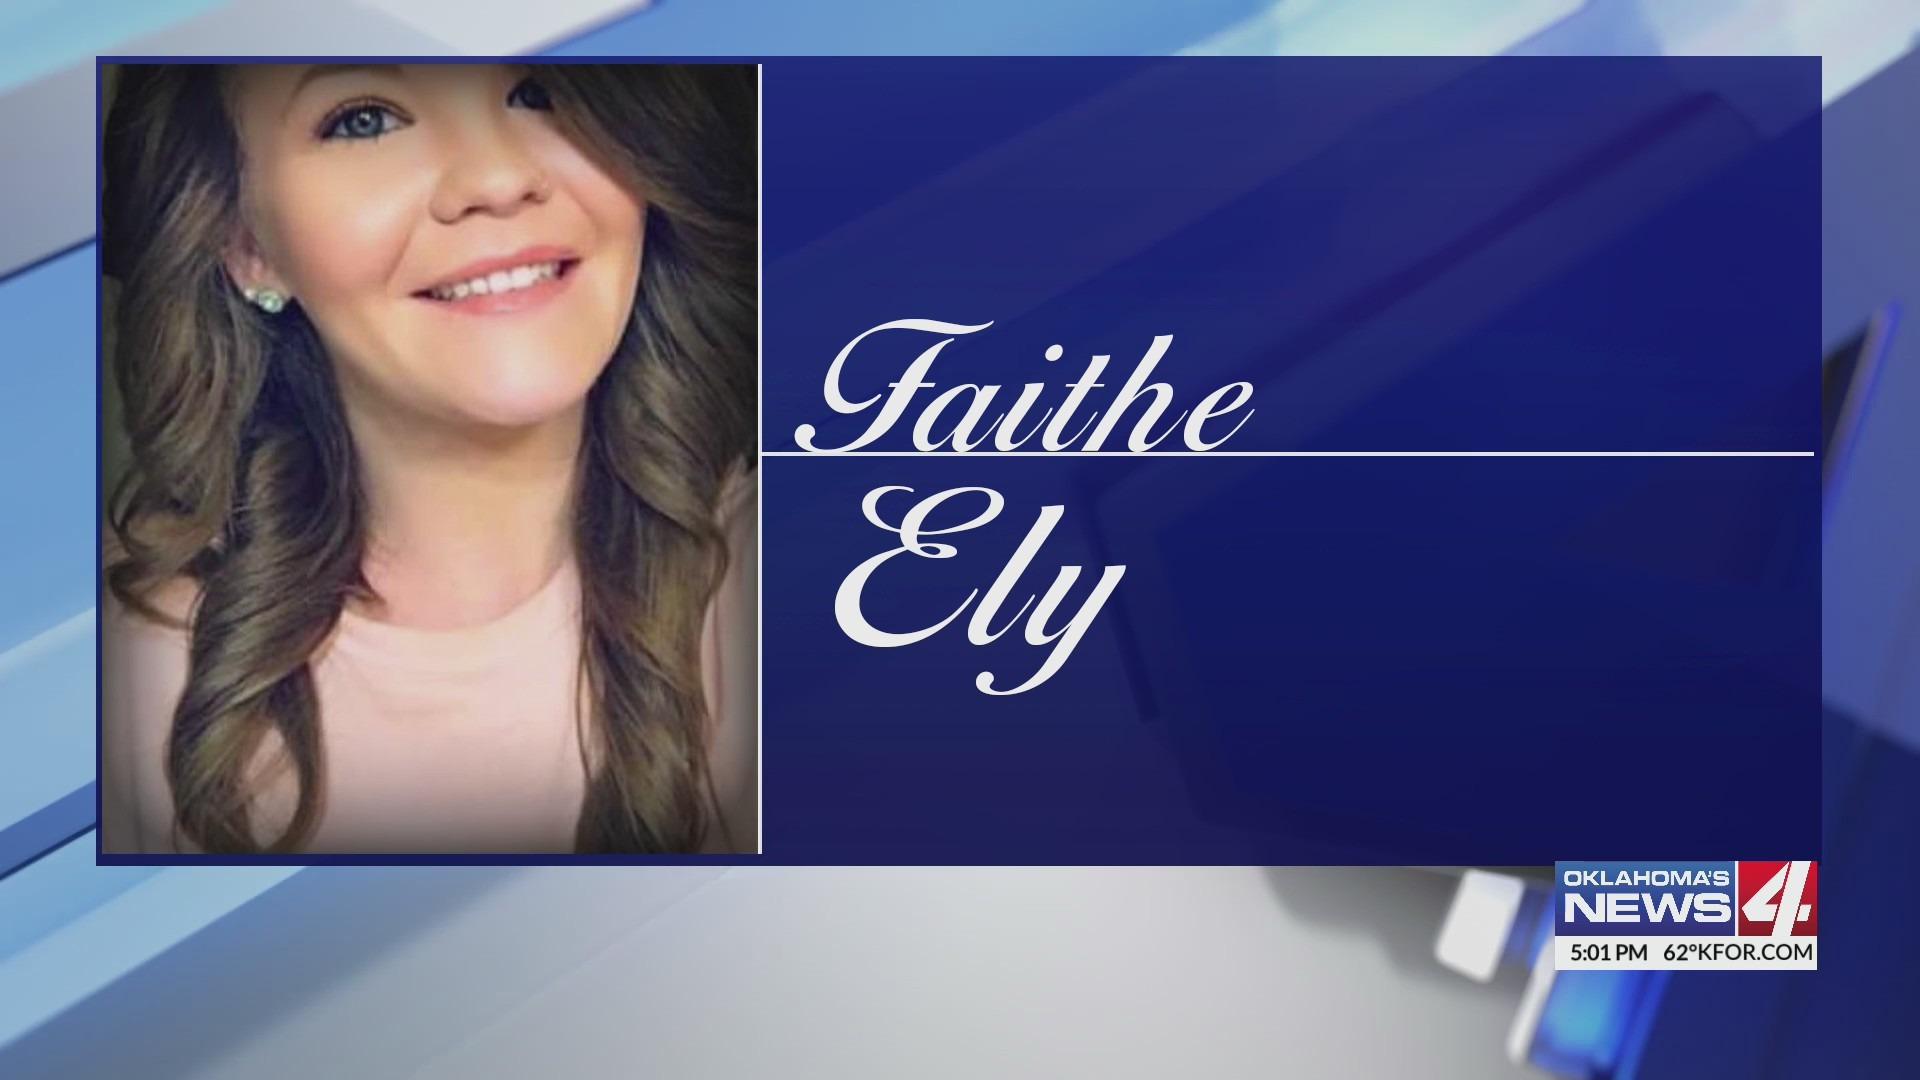 Faithe Ely